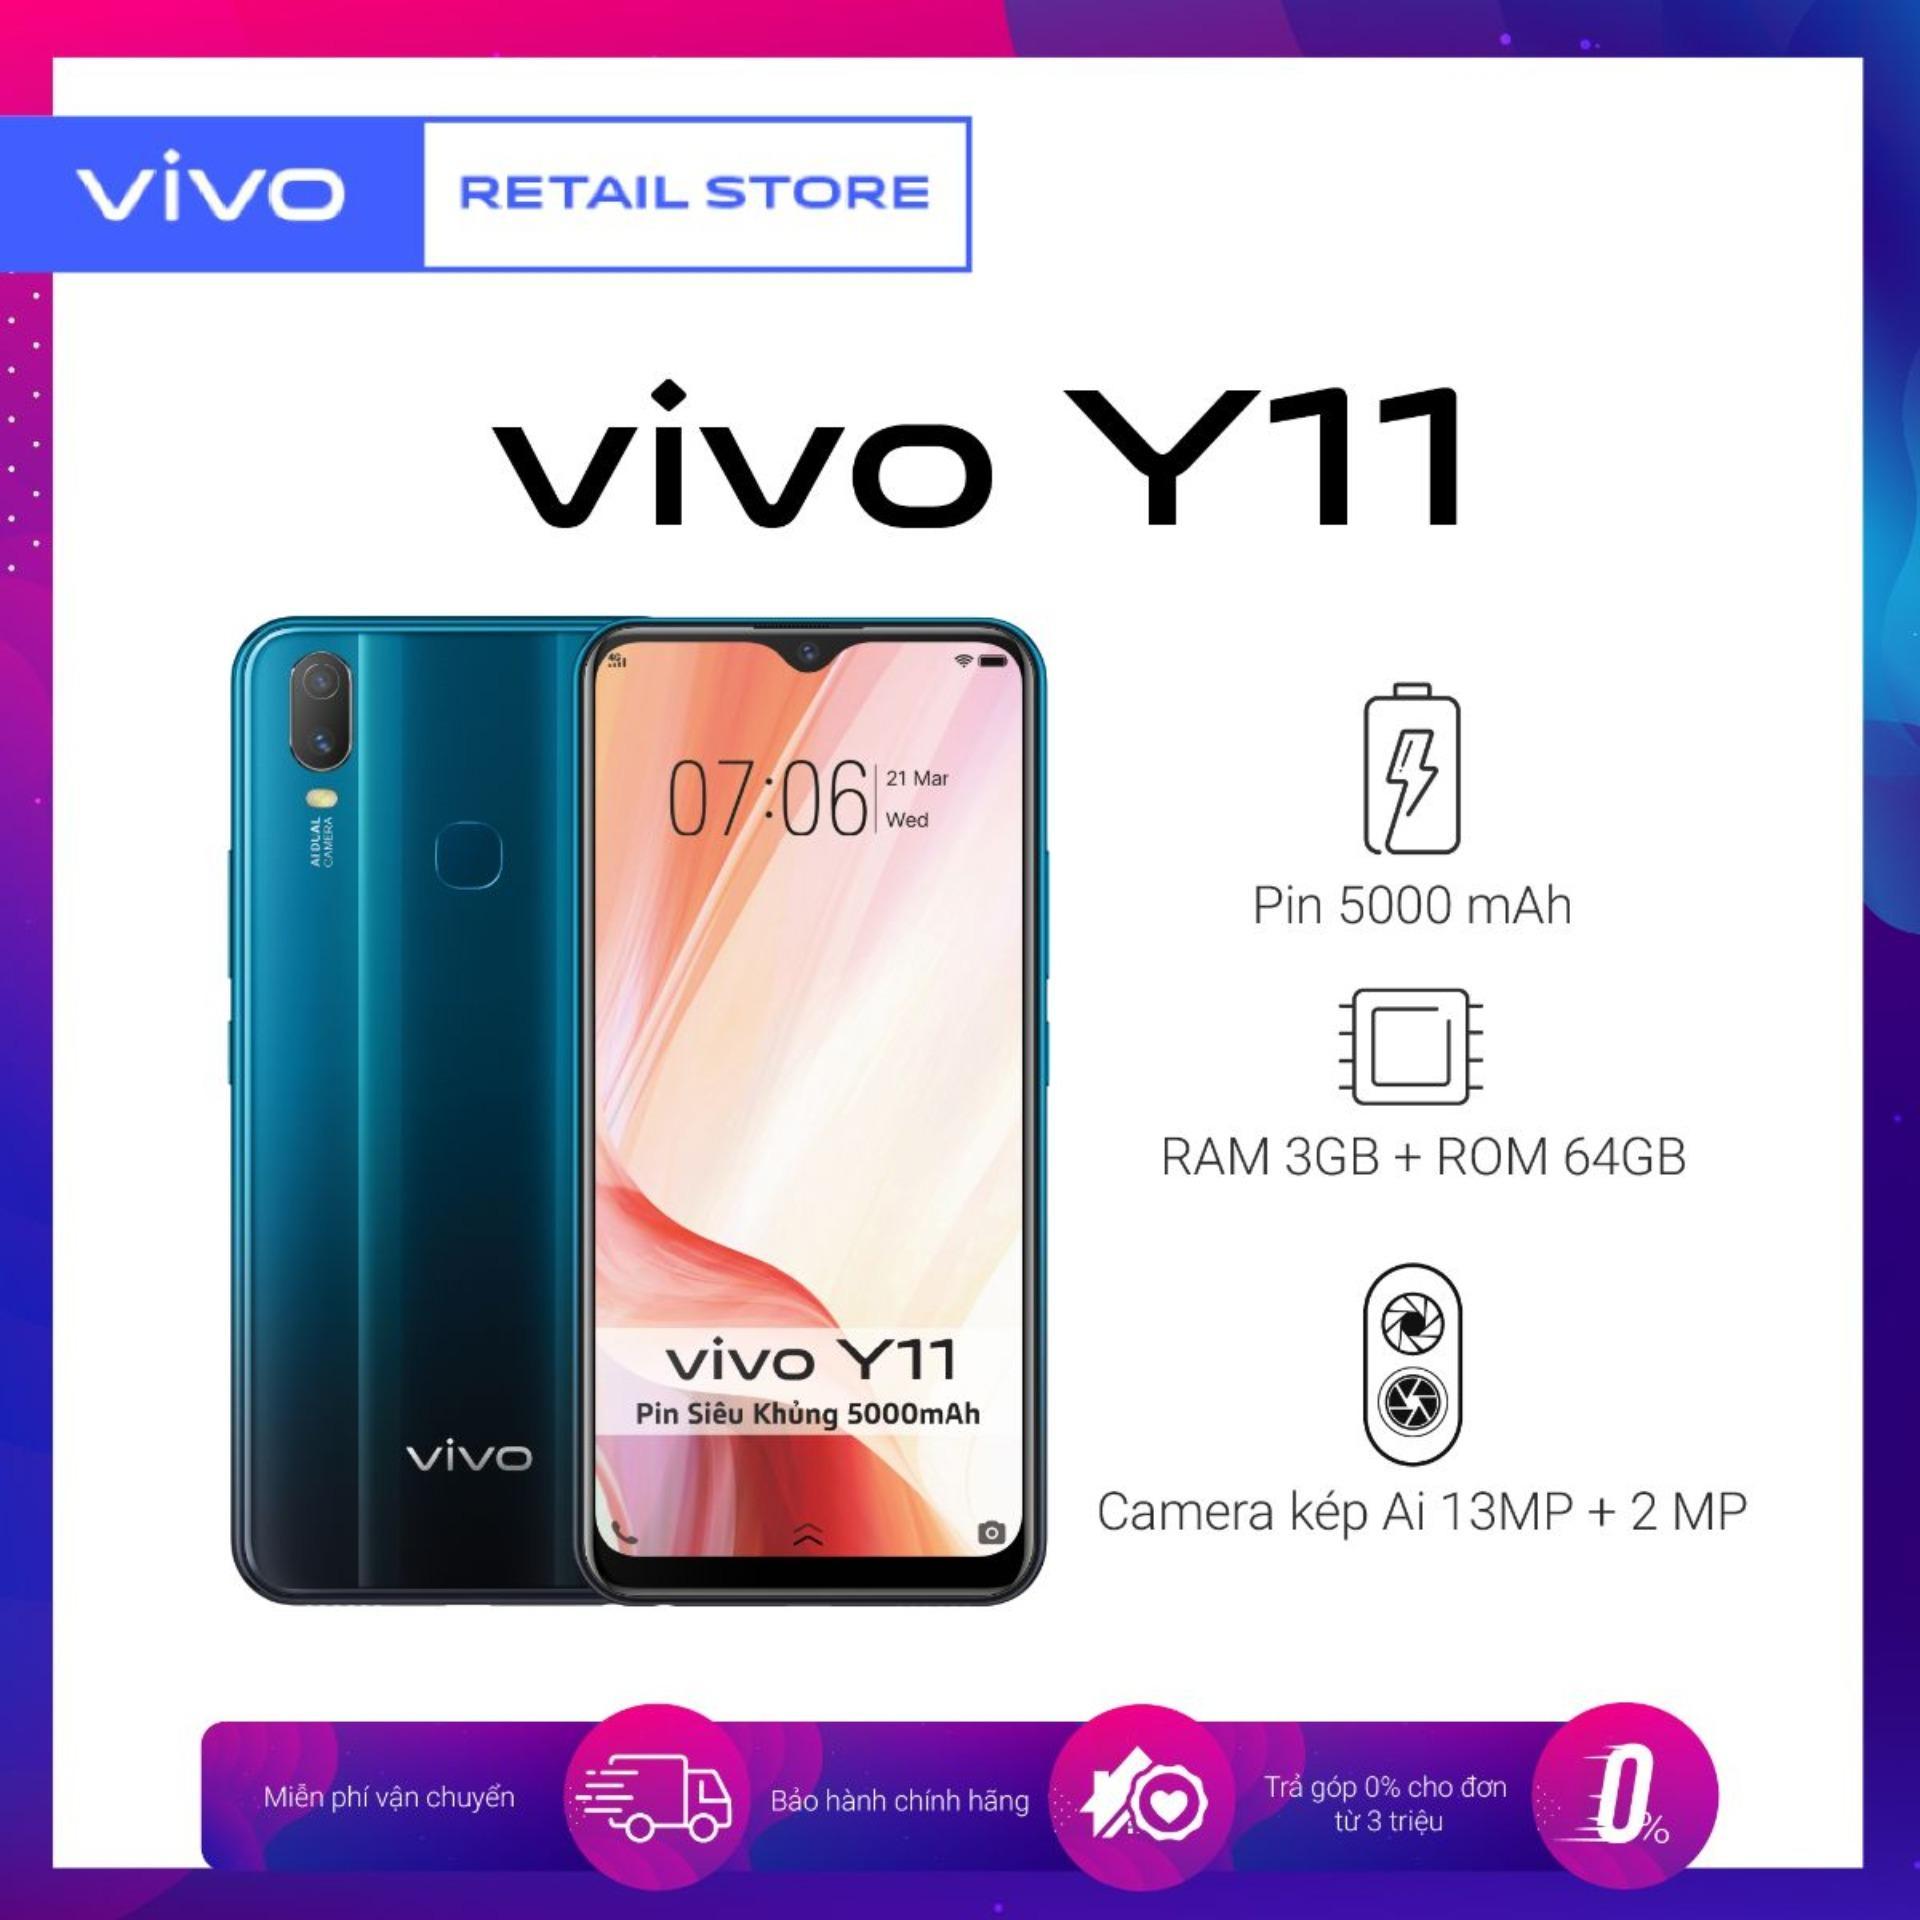 BẢO HÀNH CHÍNH HÃNG Điện thoại Vivo Y11 (3GB/32GB) - Màn hình tràn 6.35'' Camera sau kép 13MP + 2MP Pin khủng 5000mAh - Hàng chính hãng bảo hành 12 tháng